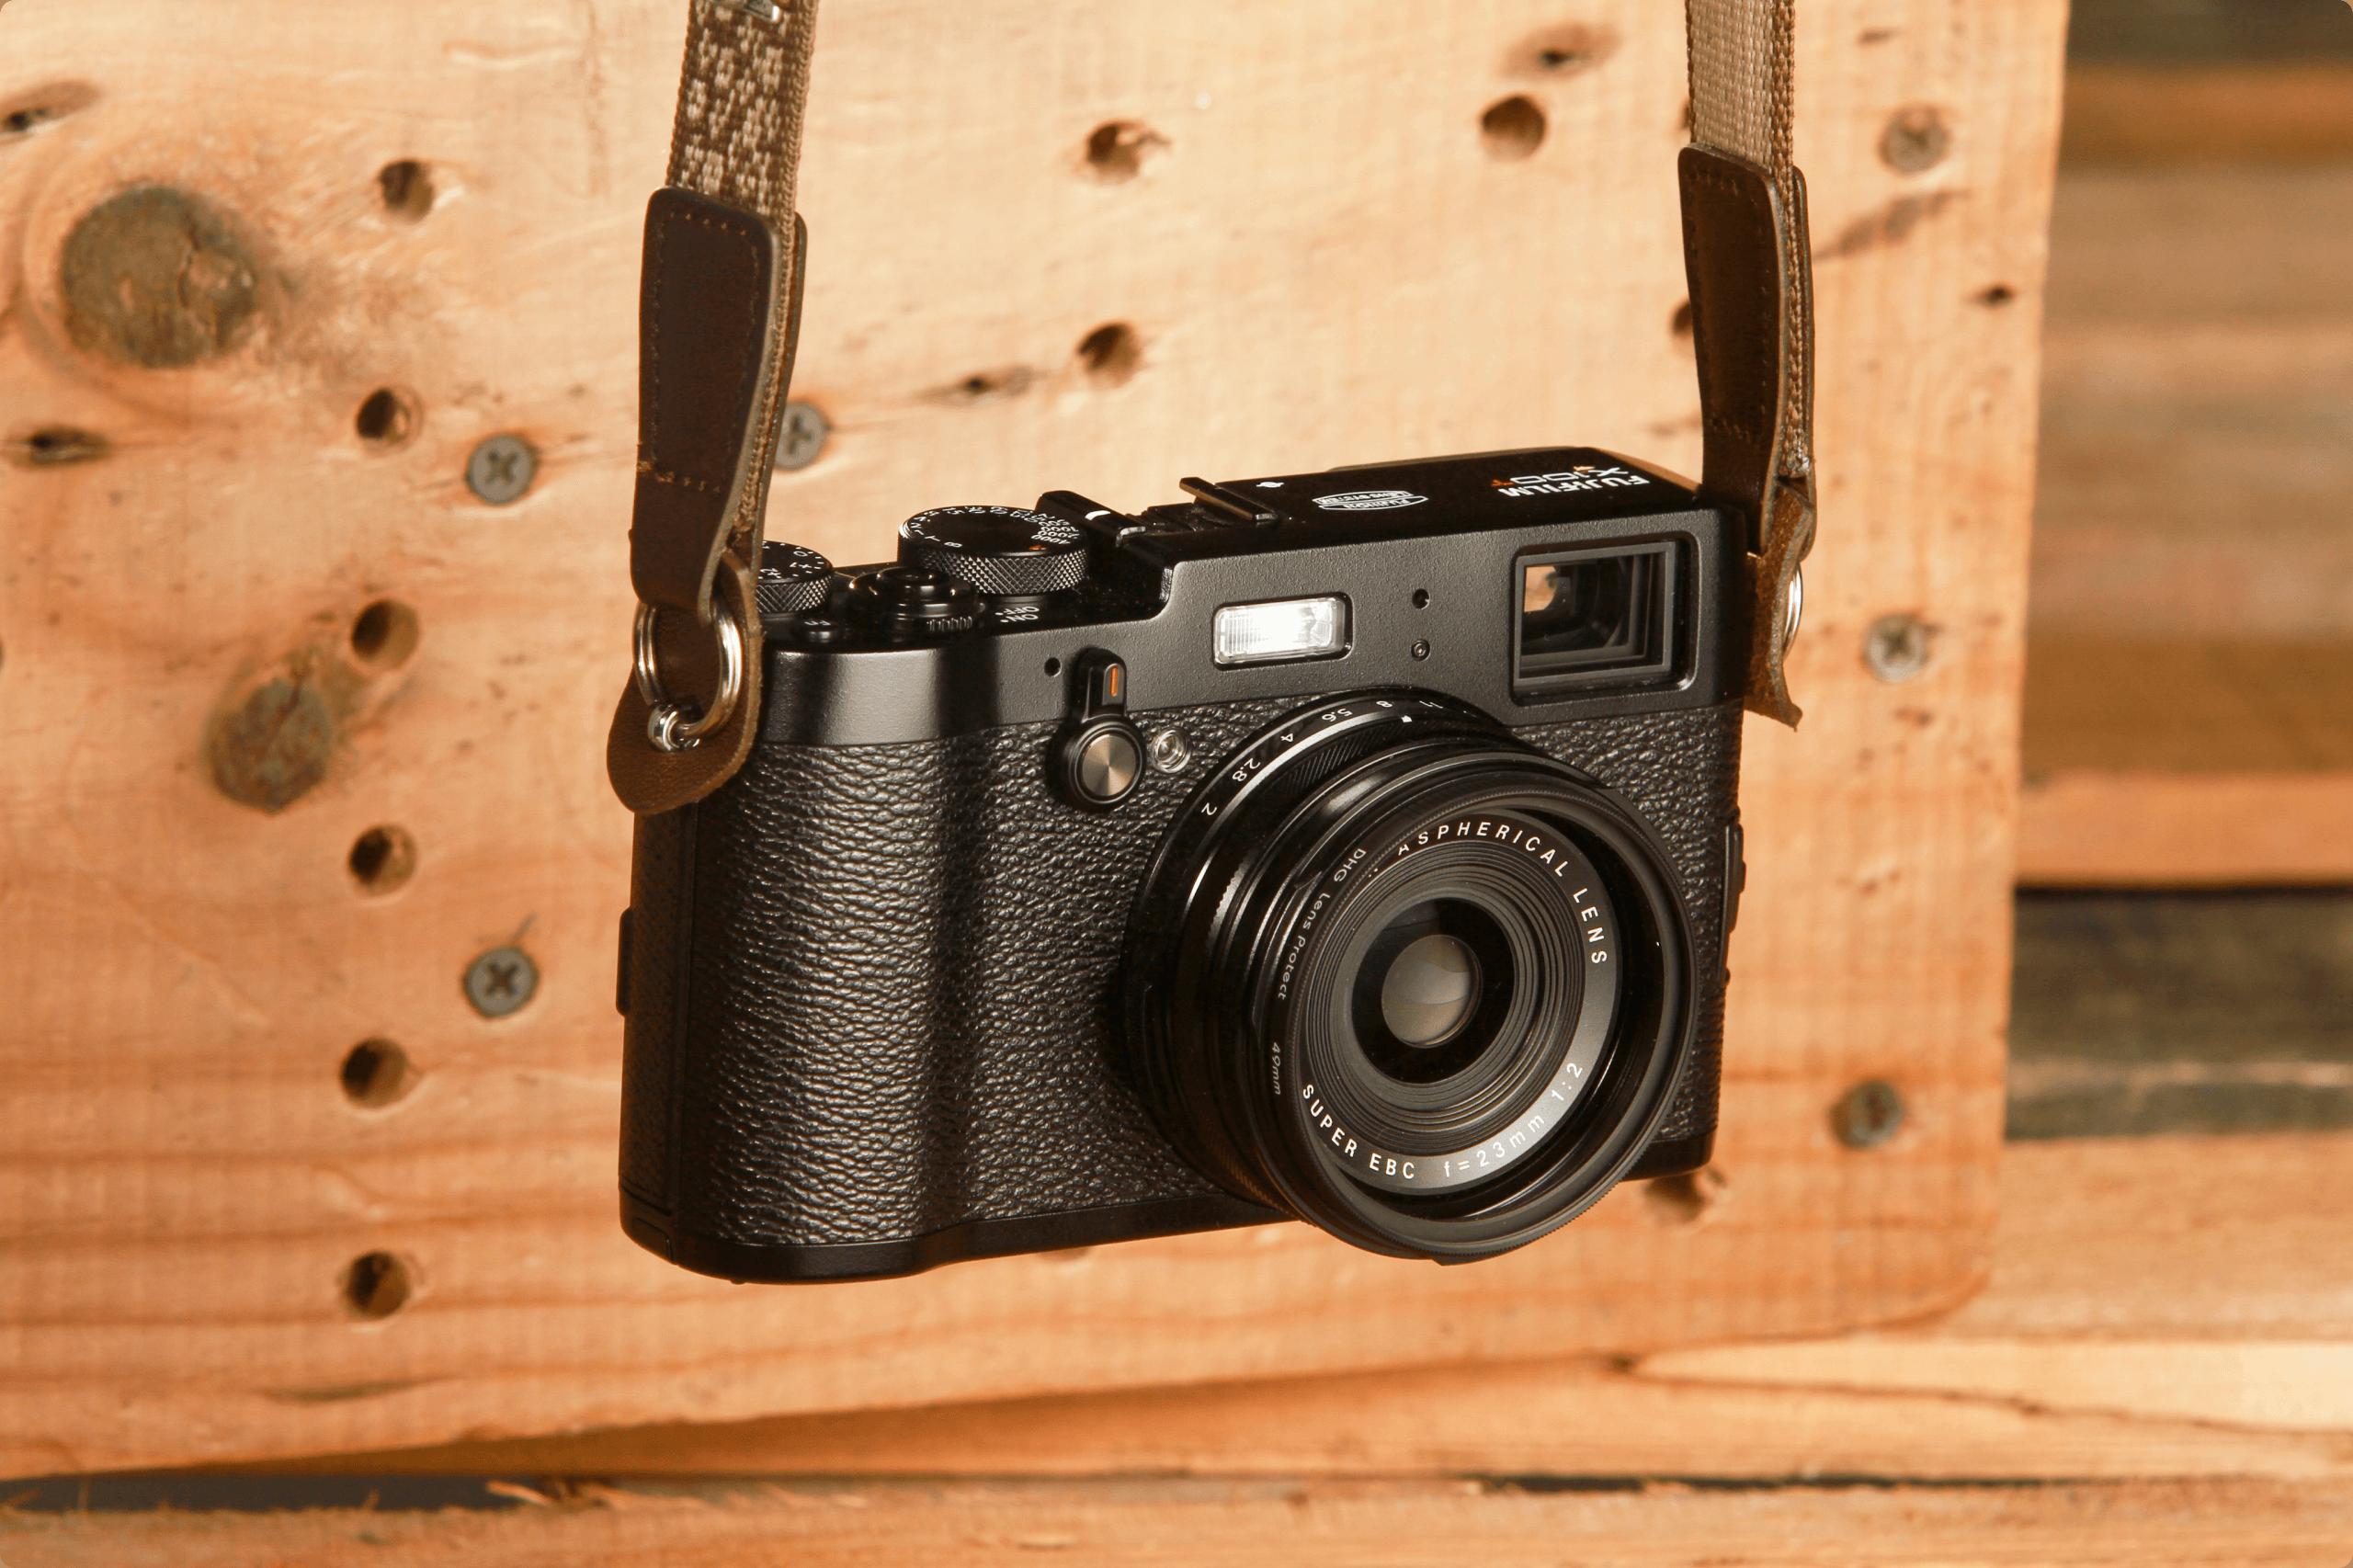 Fujifilm X100T mirrorless camera